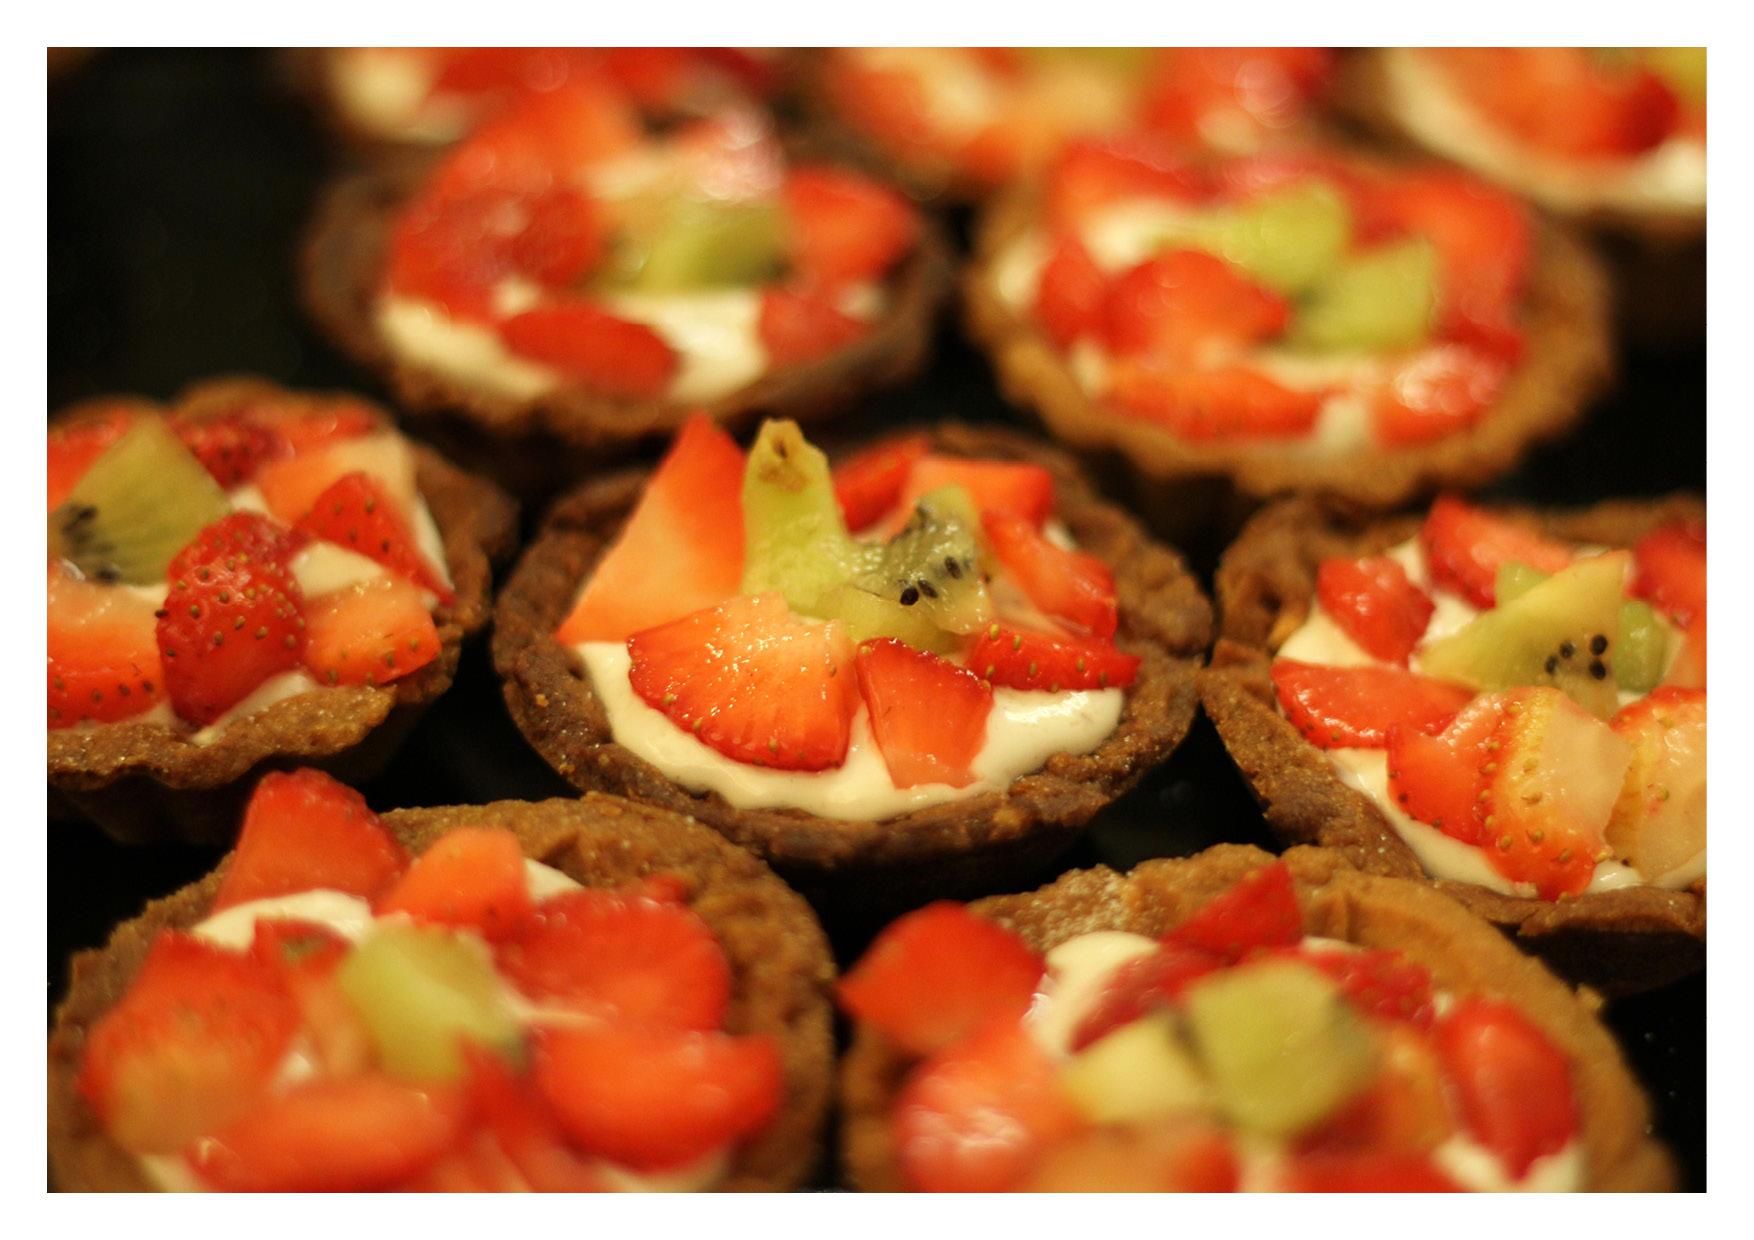 Strawberrry Cream Cheese Tarts5.jpg (356 KB)